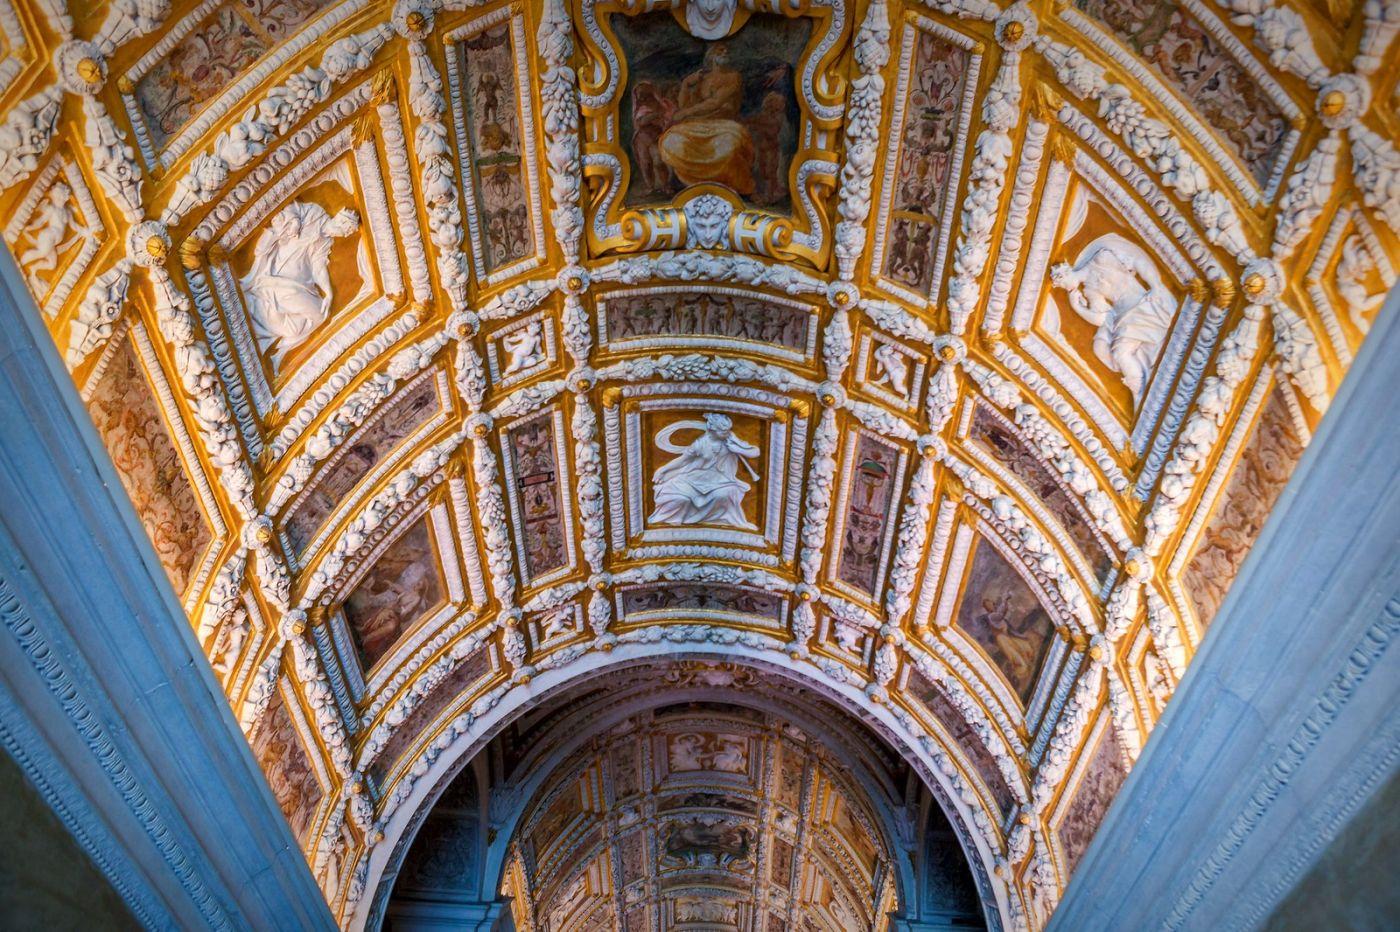 威尼斯圣马可大教堂(St Mark's Basilica), 精雕细琢的顶设_图1-3